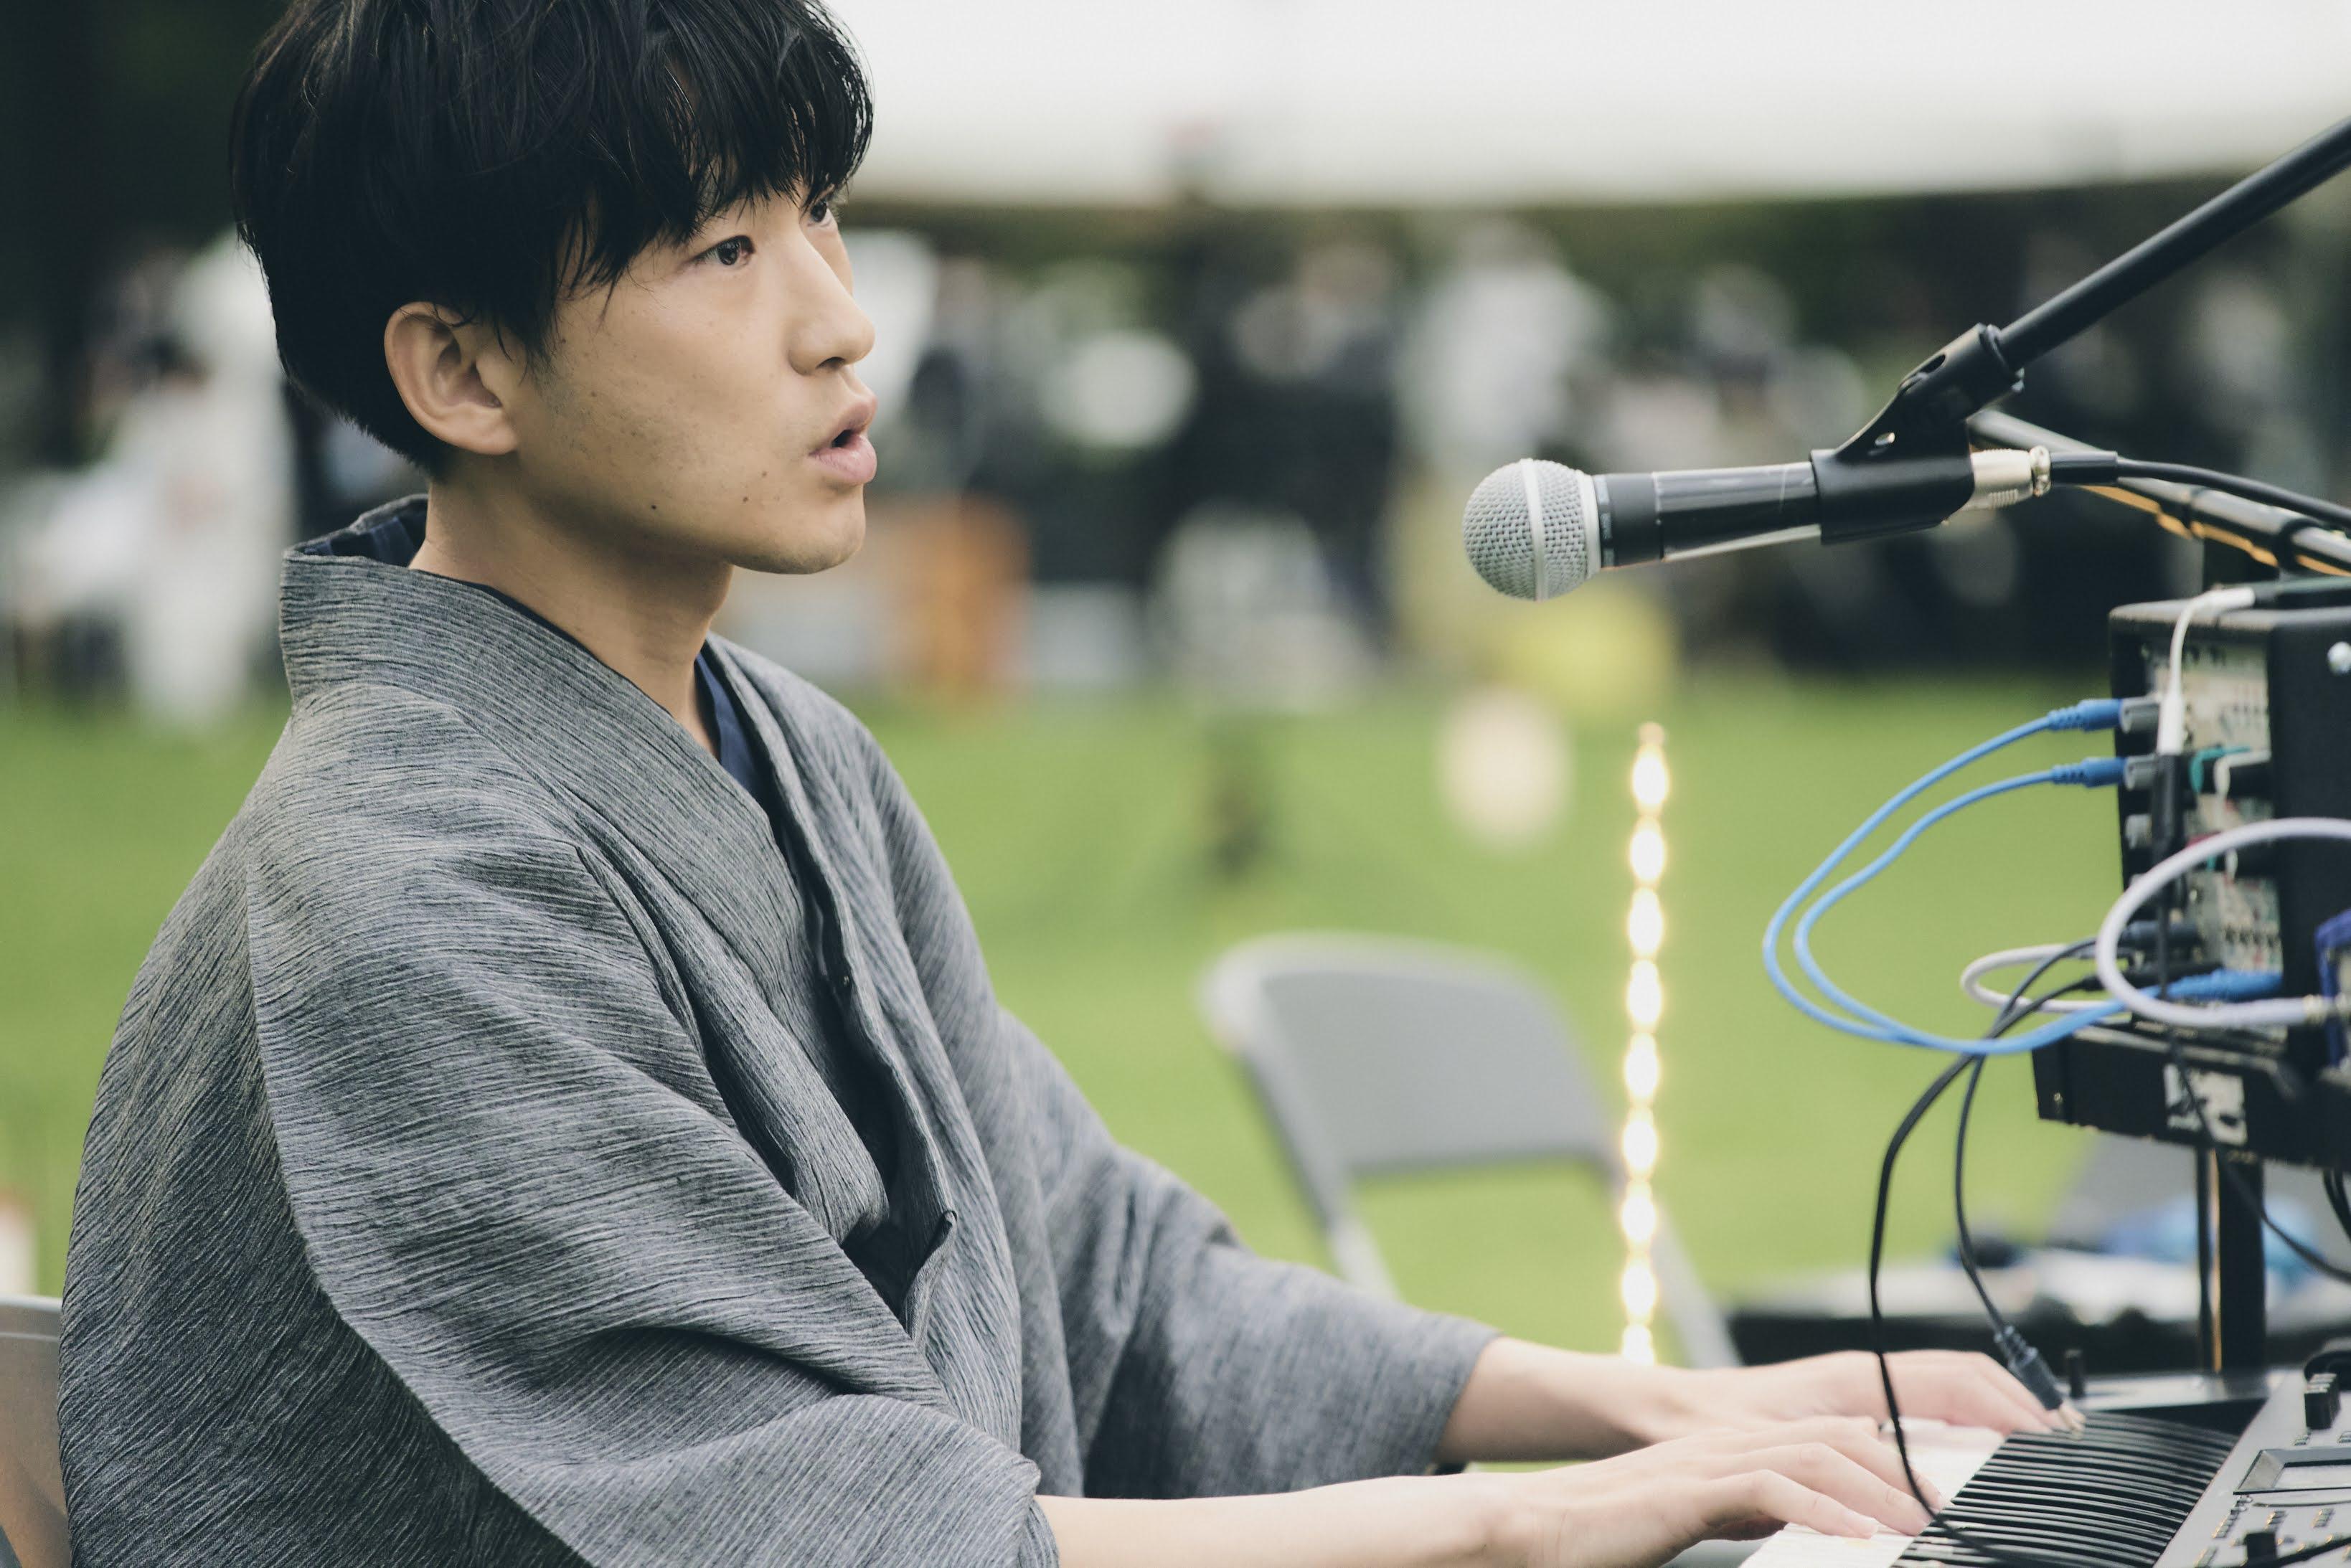 「天空の黎明」プログラム02「浜離宮アンビエント」[事前収録映像配信]/Hama-rikyu Ambient(Pre-recorded)